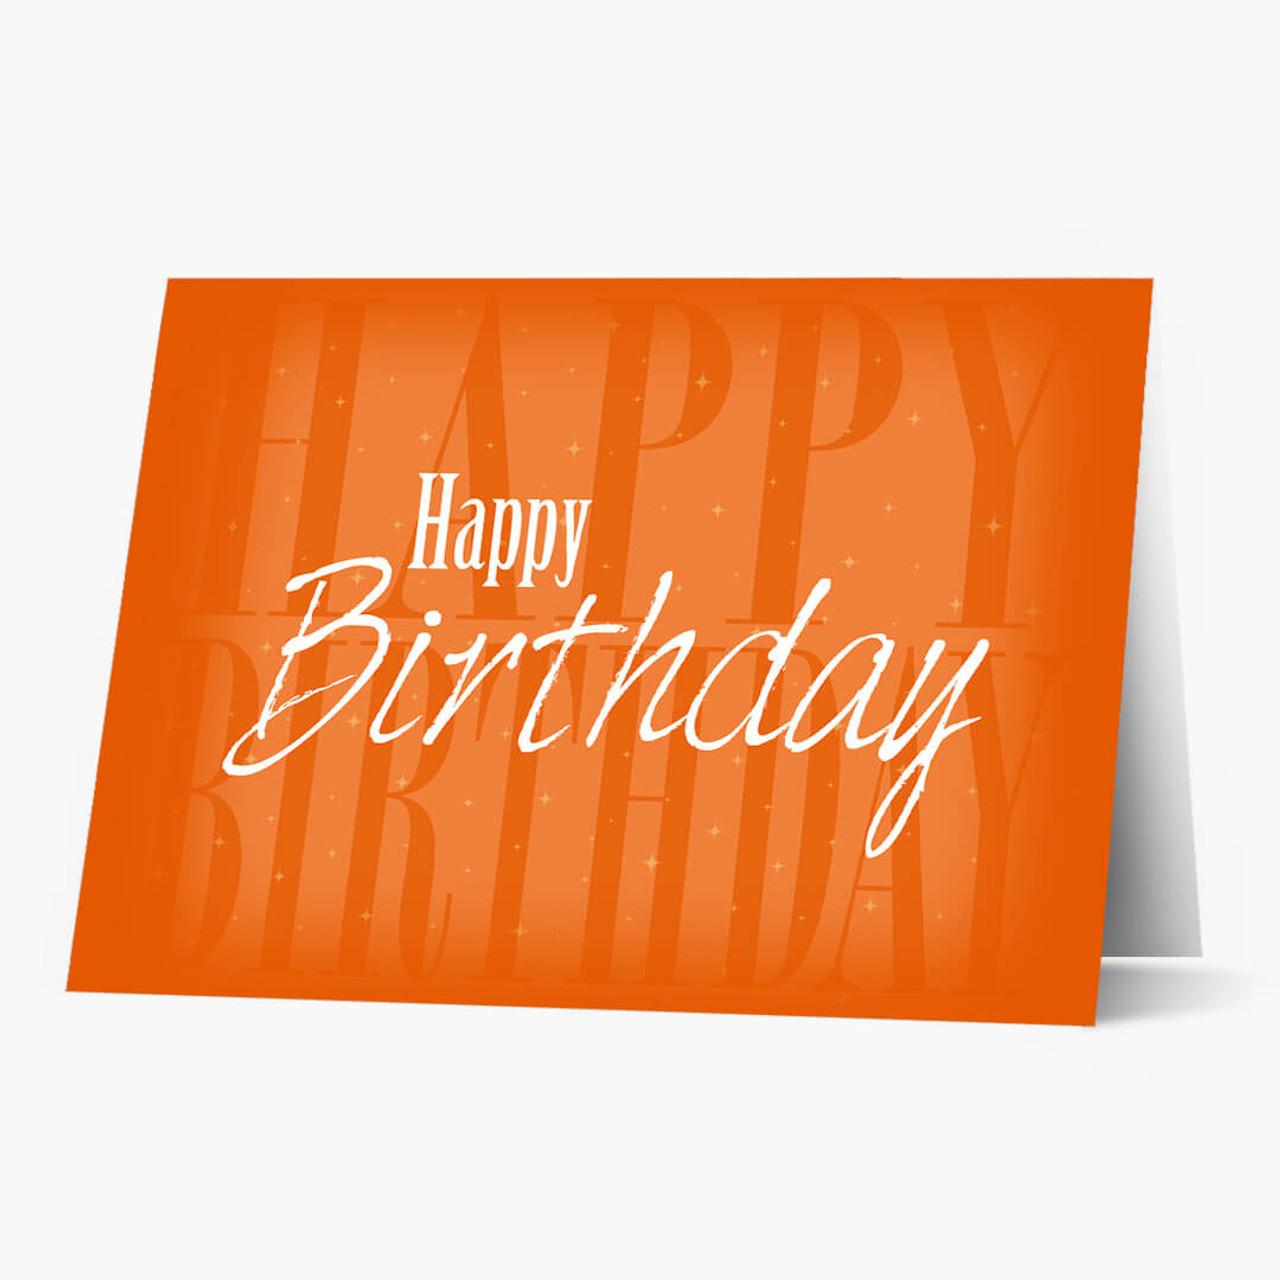 Happy Birthday Shadow Card